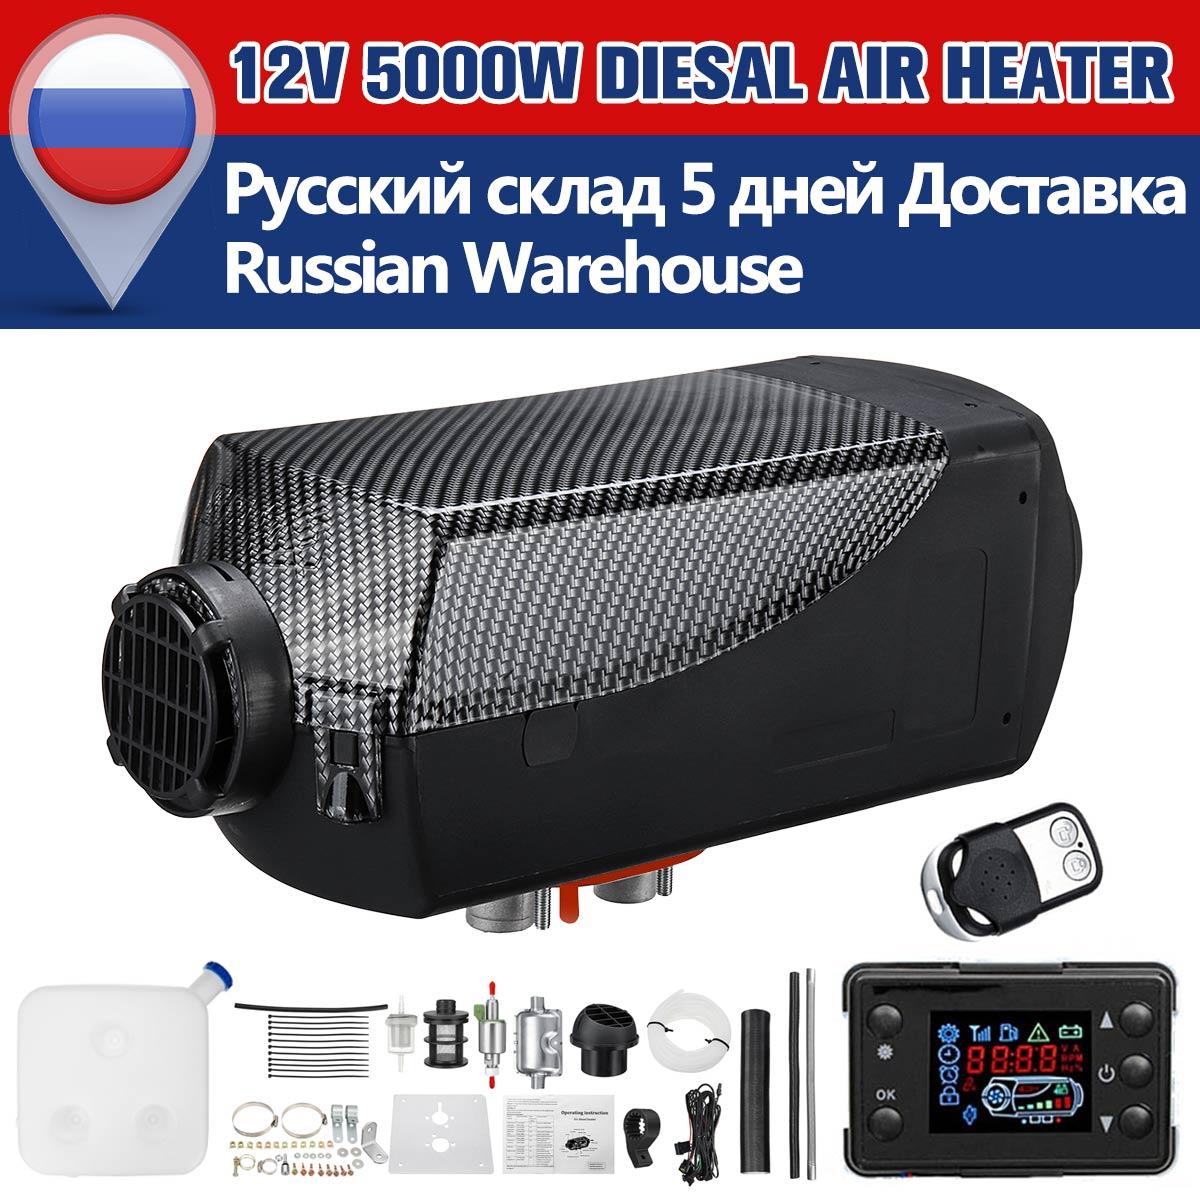 5KW 12V 5000W Air autonome Diesel chauffage voiture chauffage Parking chaleur avec télécommande pour RV camping-car remorque camions bateau voiture